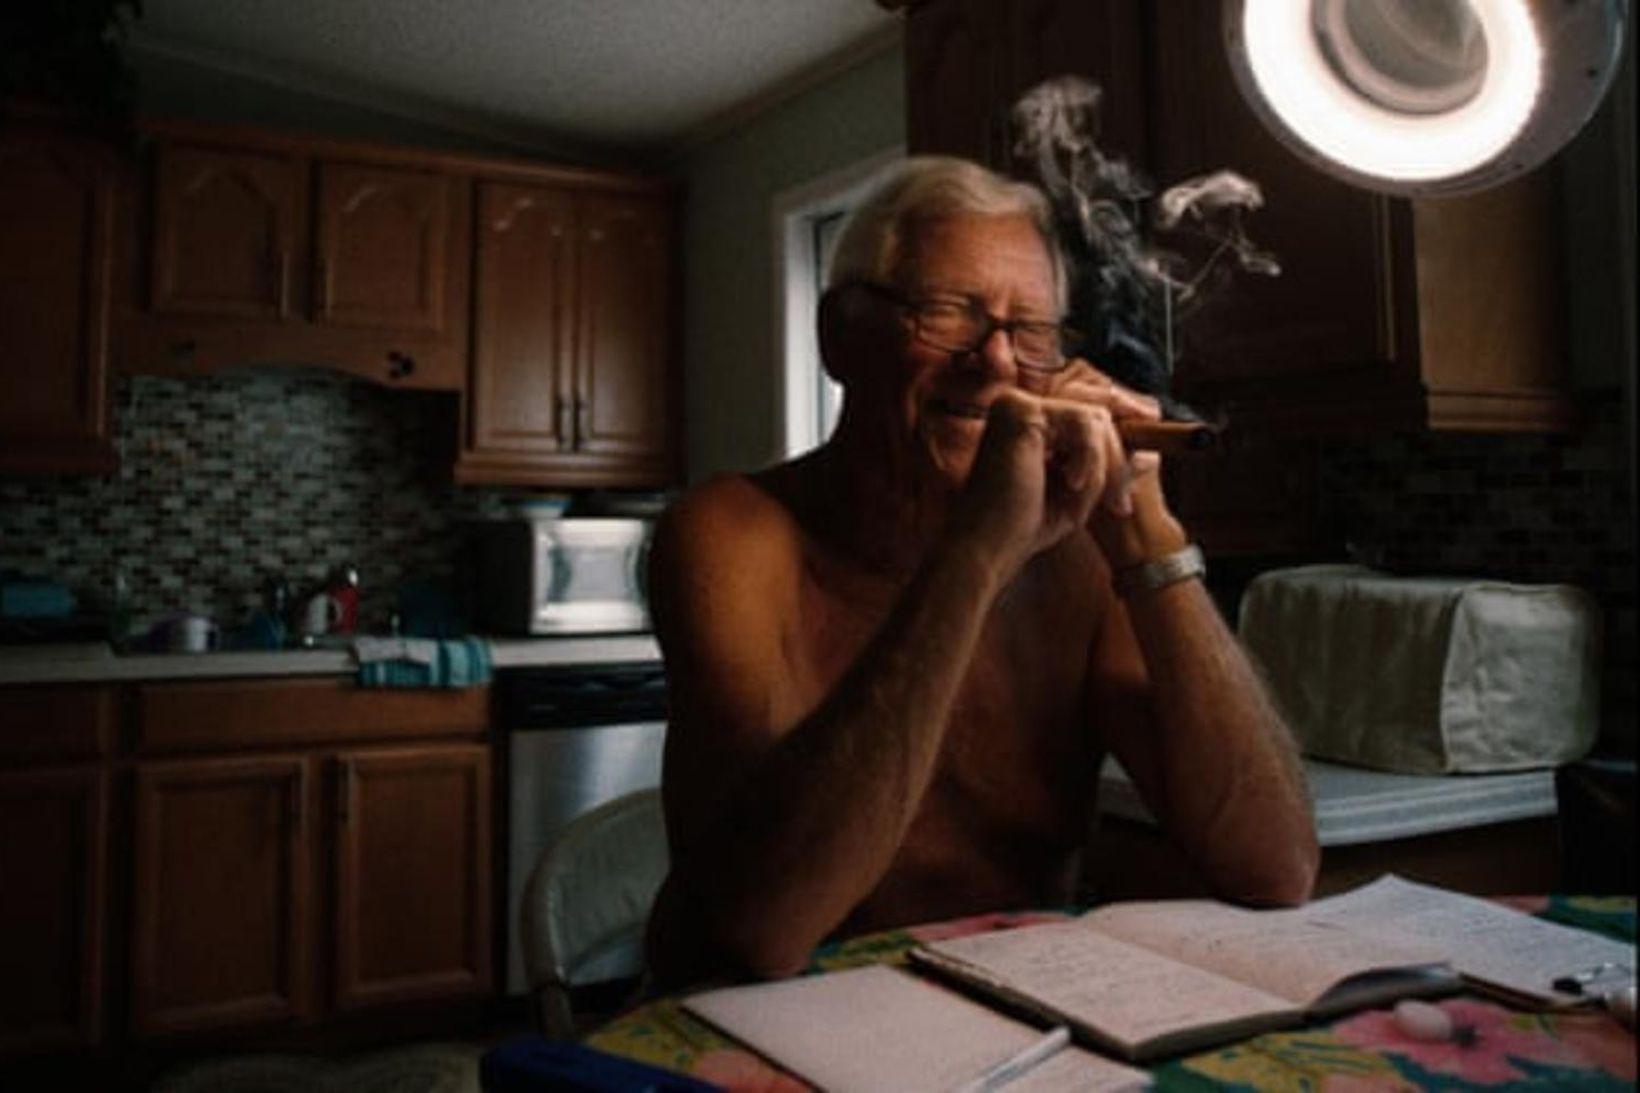 Kvennamaðurinn Dennis Dean má muna vífil sinn fegurri.